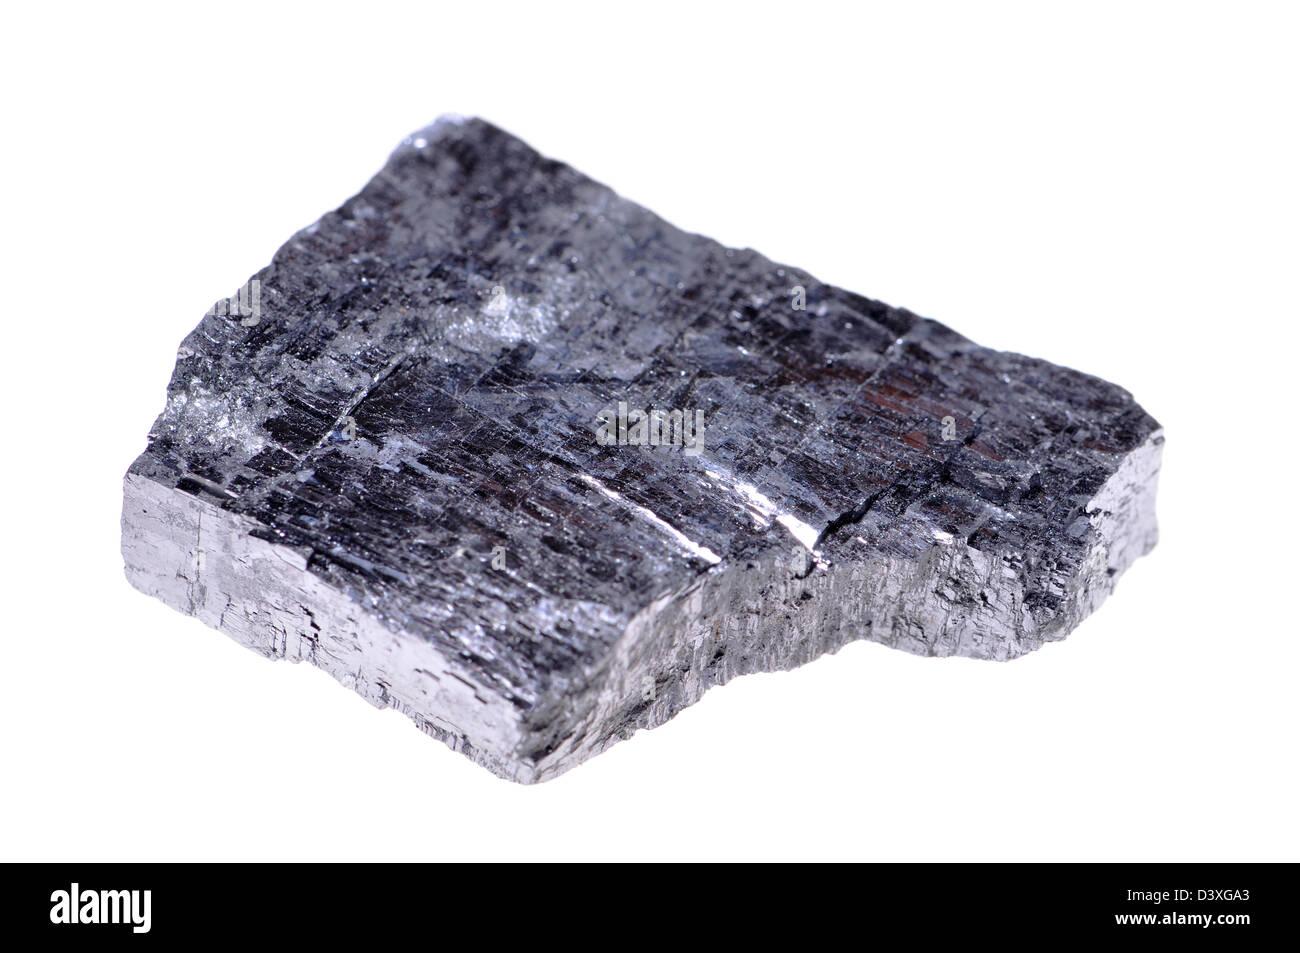 La Galena (solfuro di piombo) principali minerali di piombo. Immagini Stock